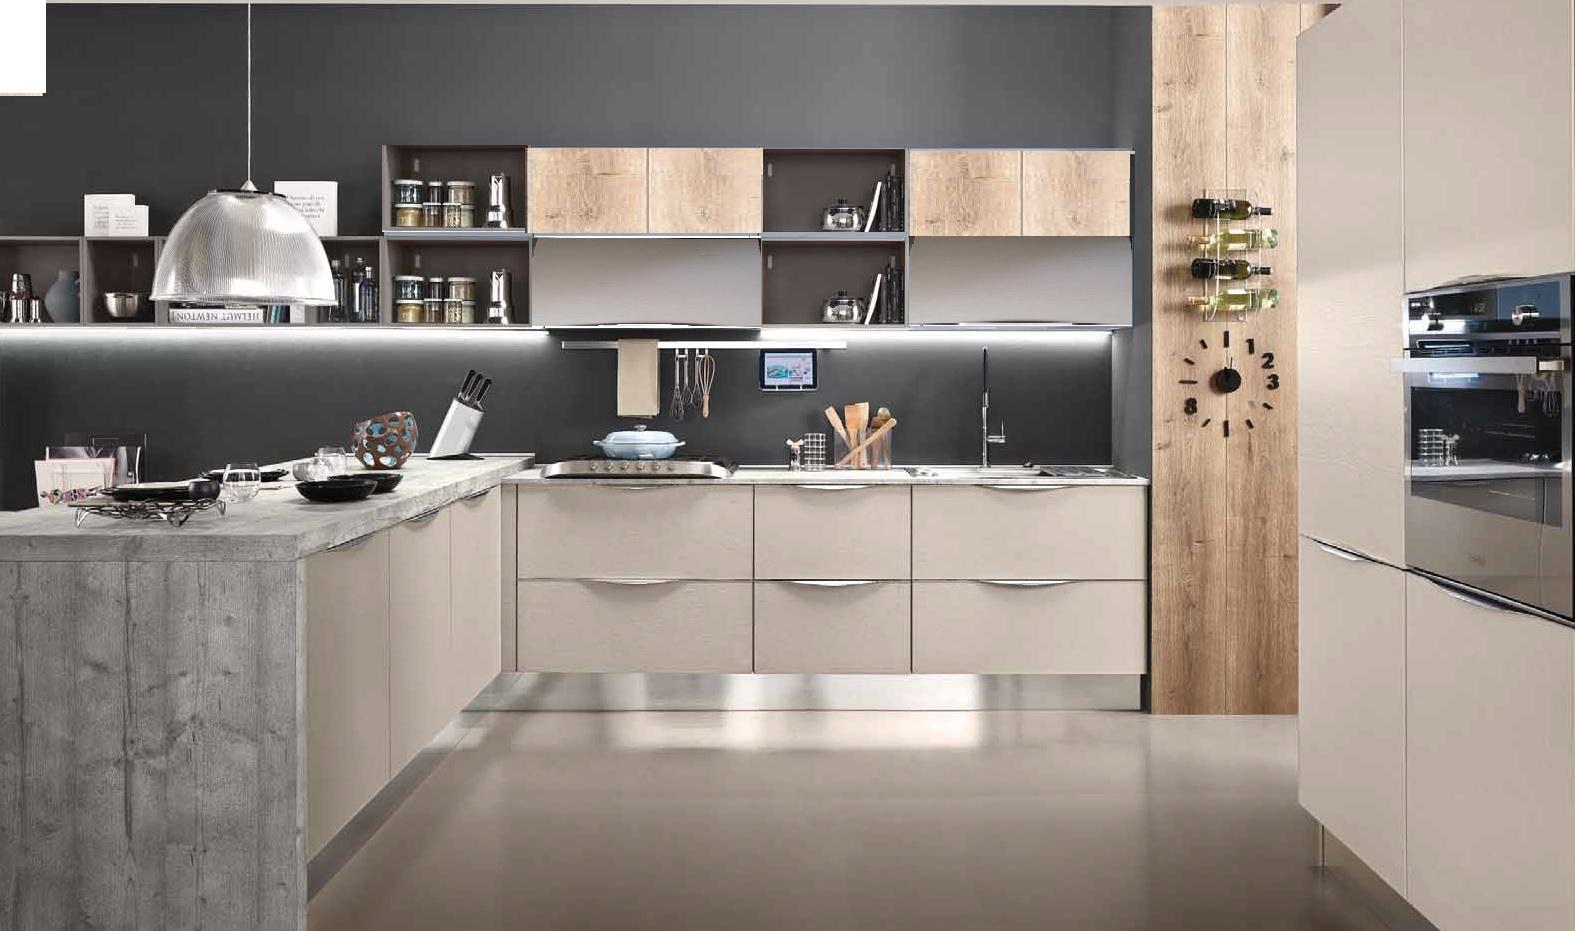 Cucina con penisoia essenza rovere e frassin canapa - Top cucina in cemento ...